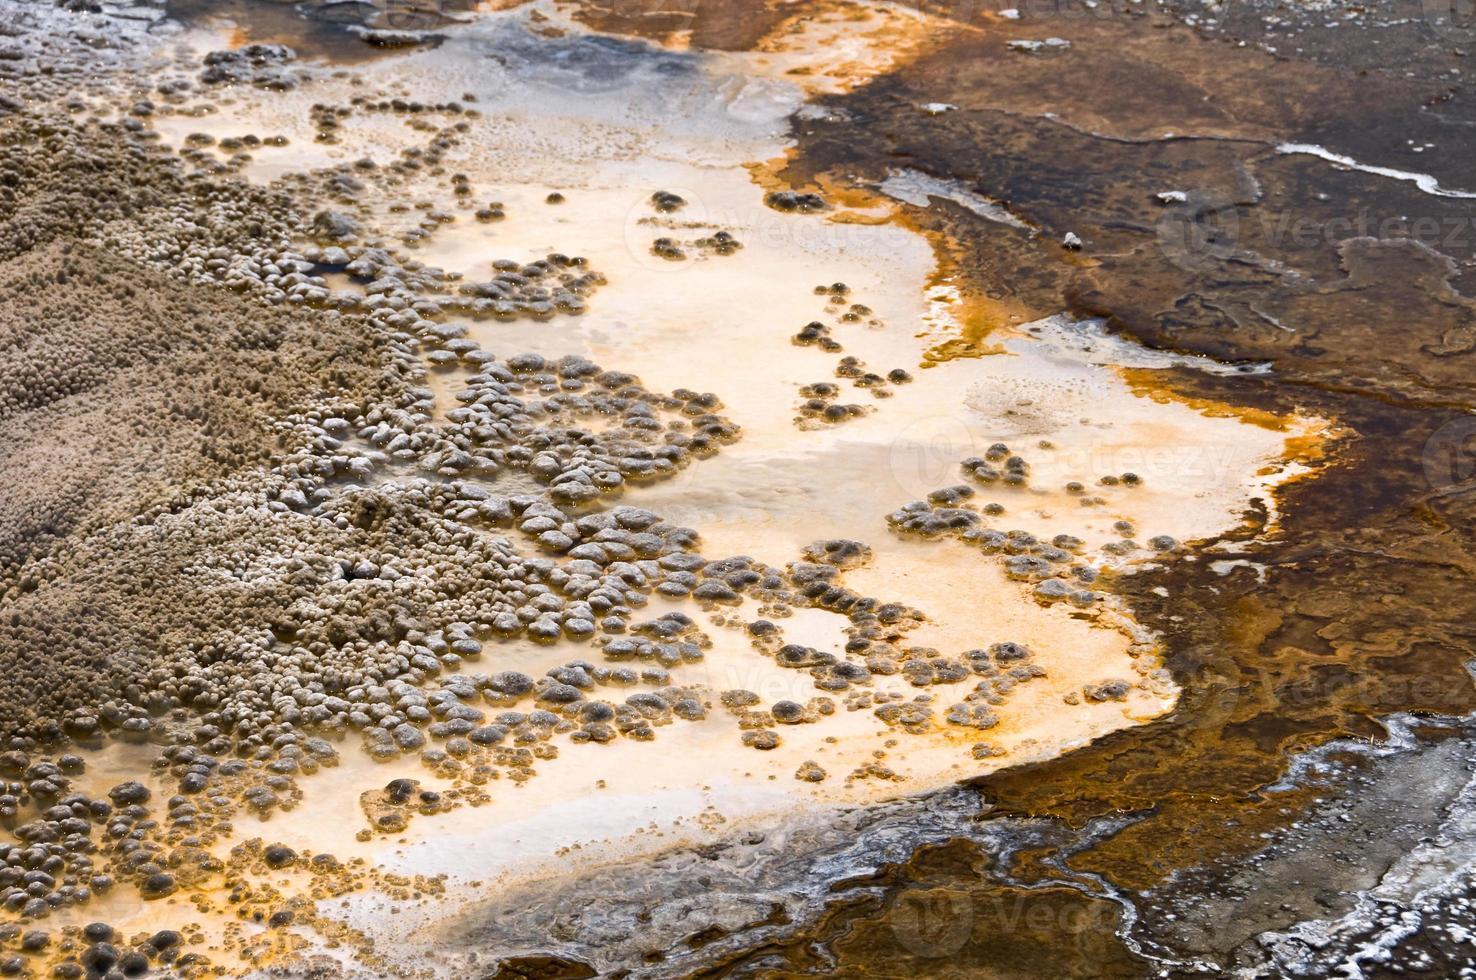 cuenca superior del géiser, parque nacional de yellowstone, estados unidos foto